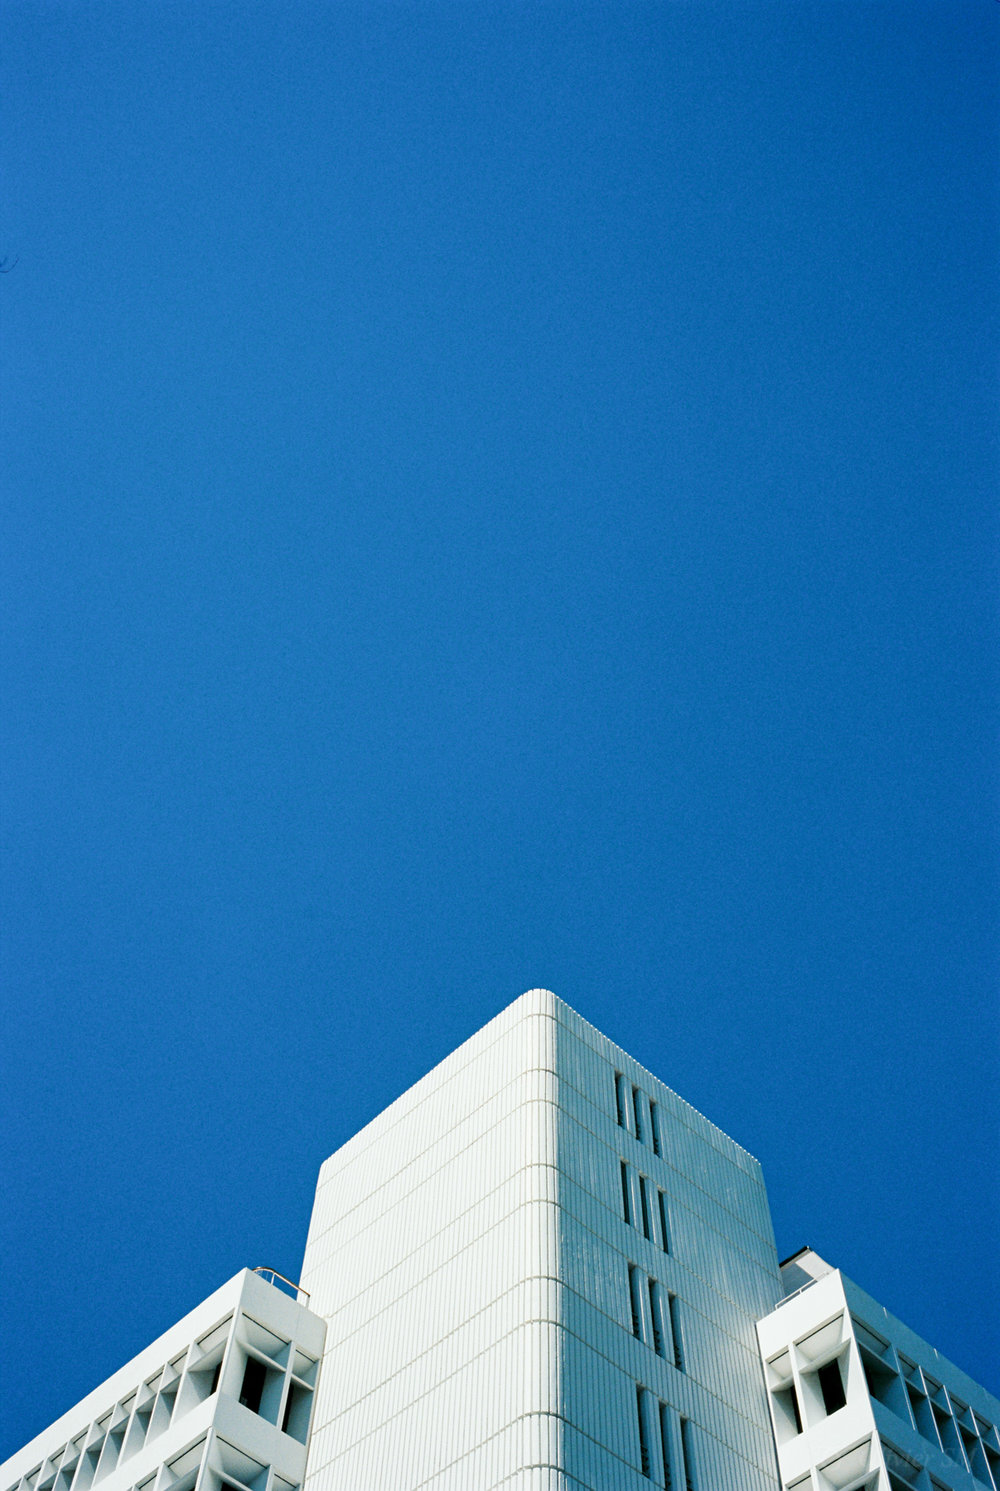 Blue Corners in Miami | Voigtländer Bessa R3M | Nokton 35mm 1.4 SC | Kodak Ektar 100